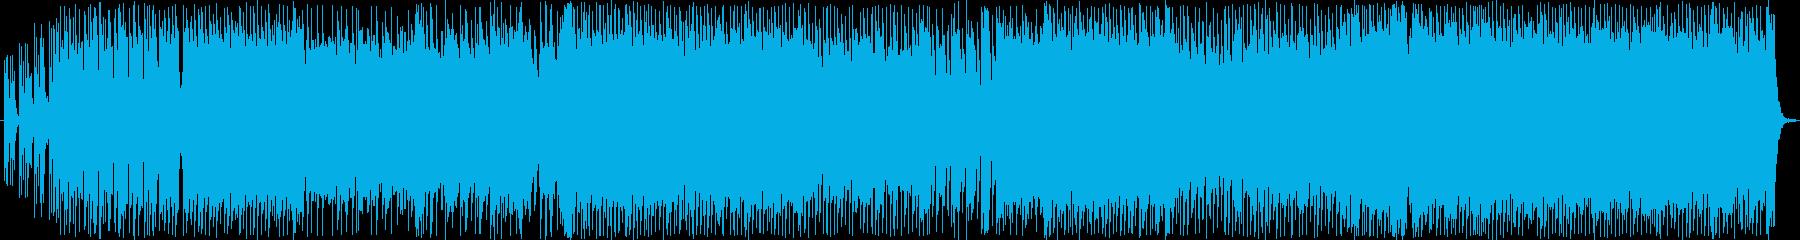 ノリノリアップテンポなポップロックの再生済みの波形